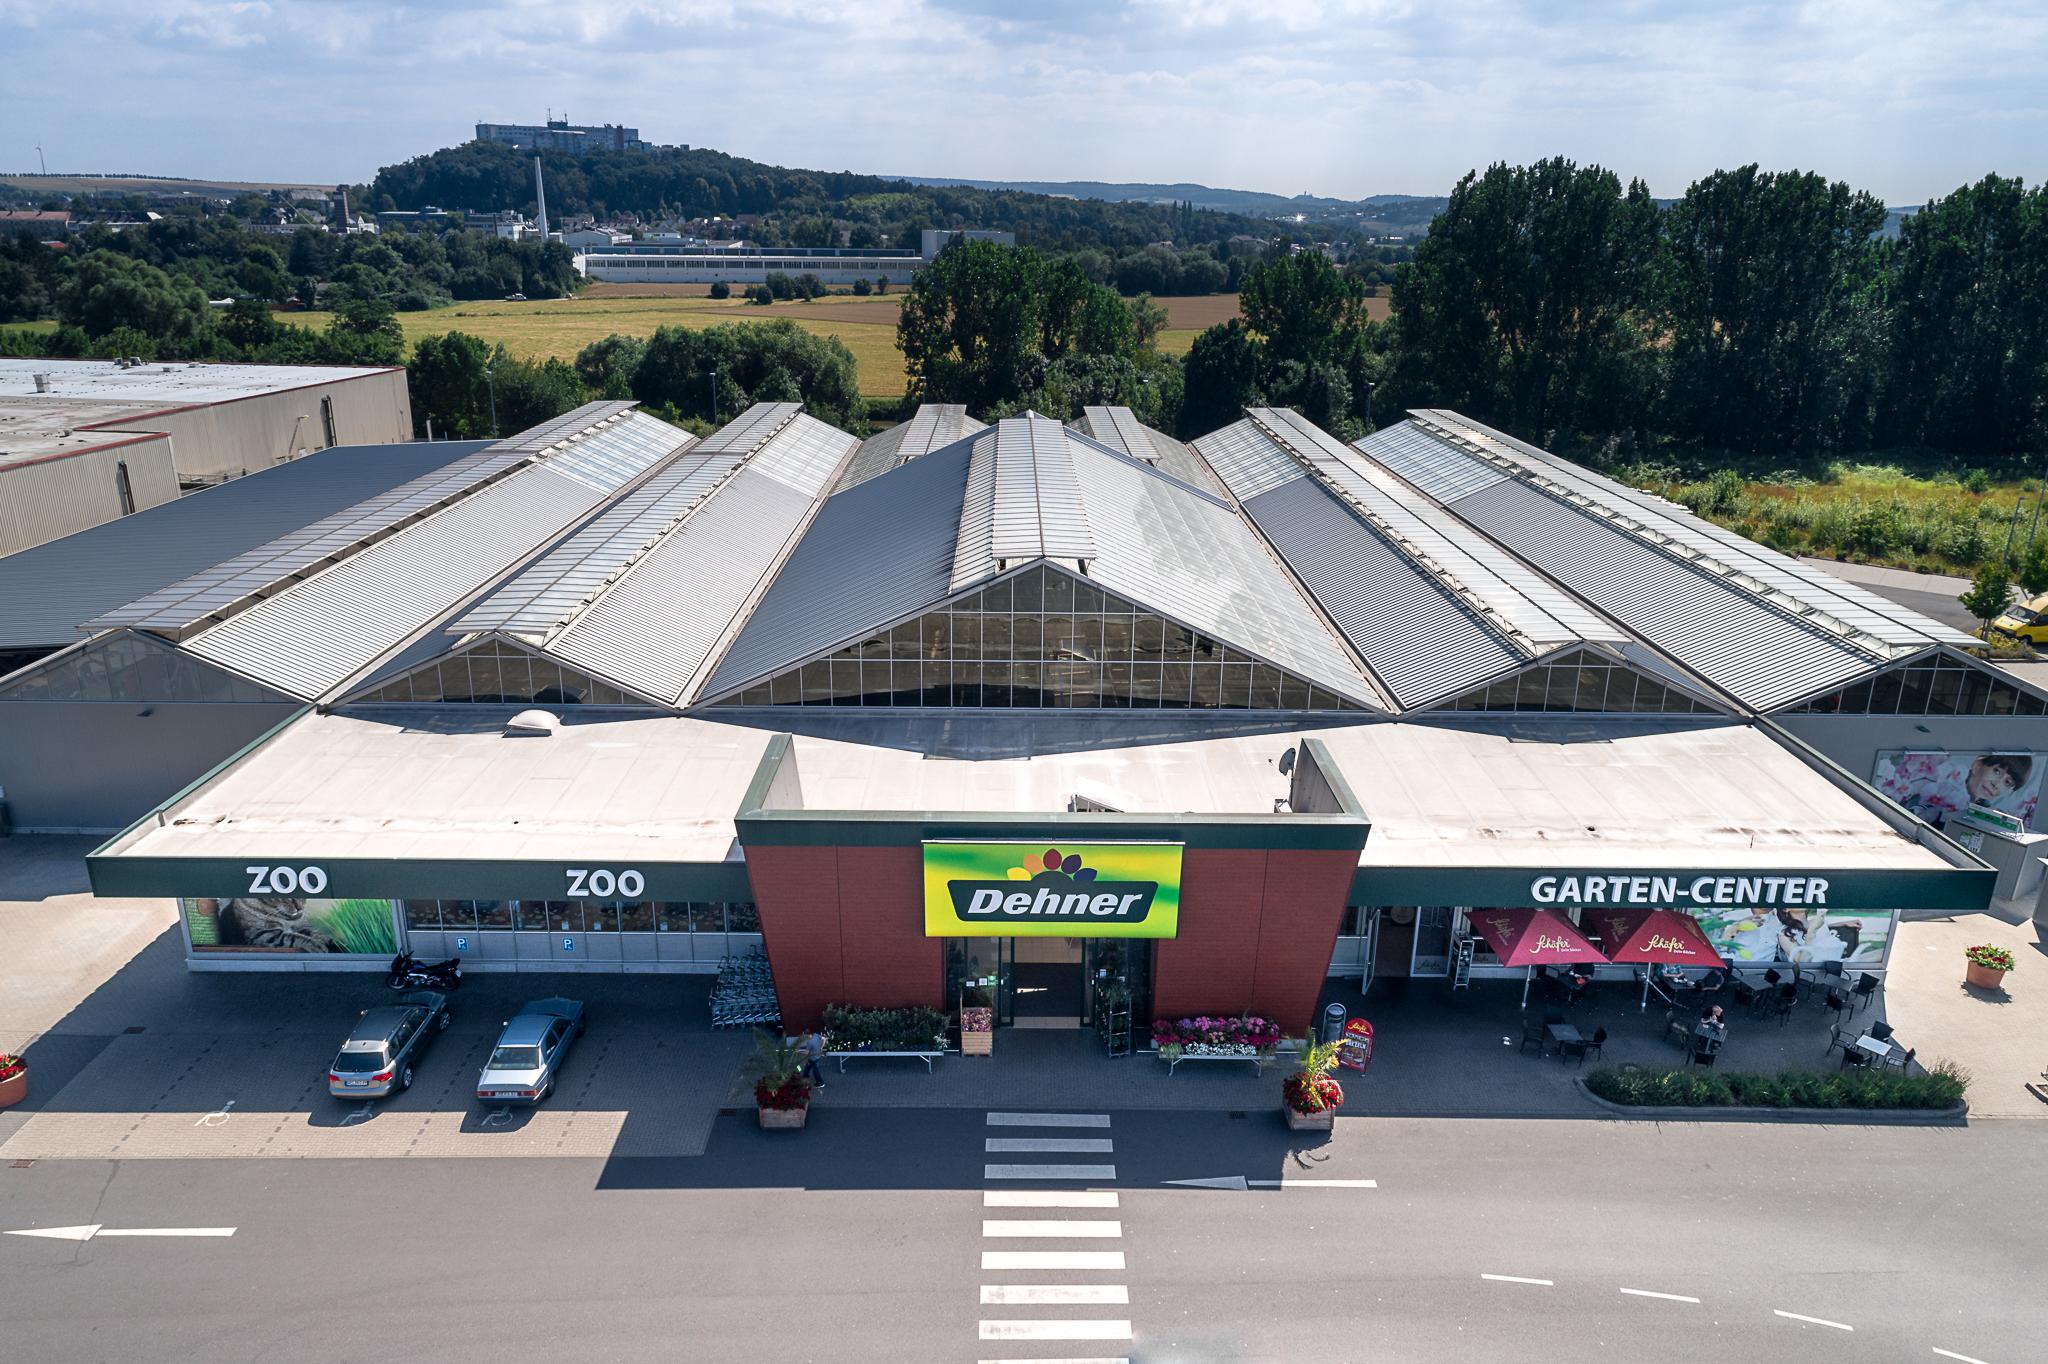 Luftaufnahme eines Einkaufszentrums im Gewerbegebiet